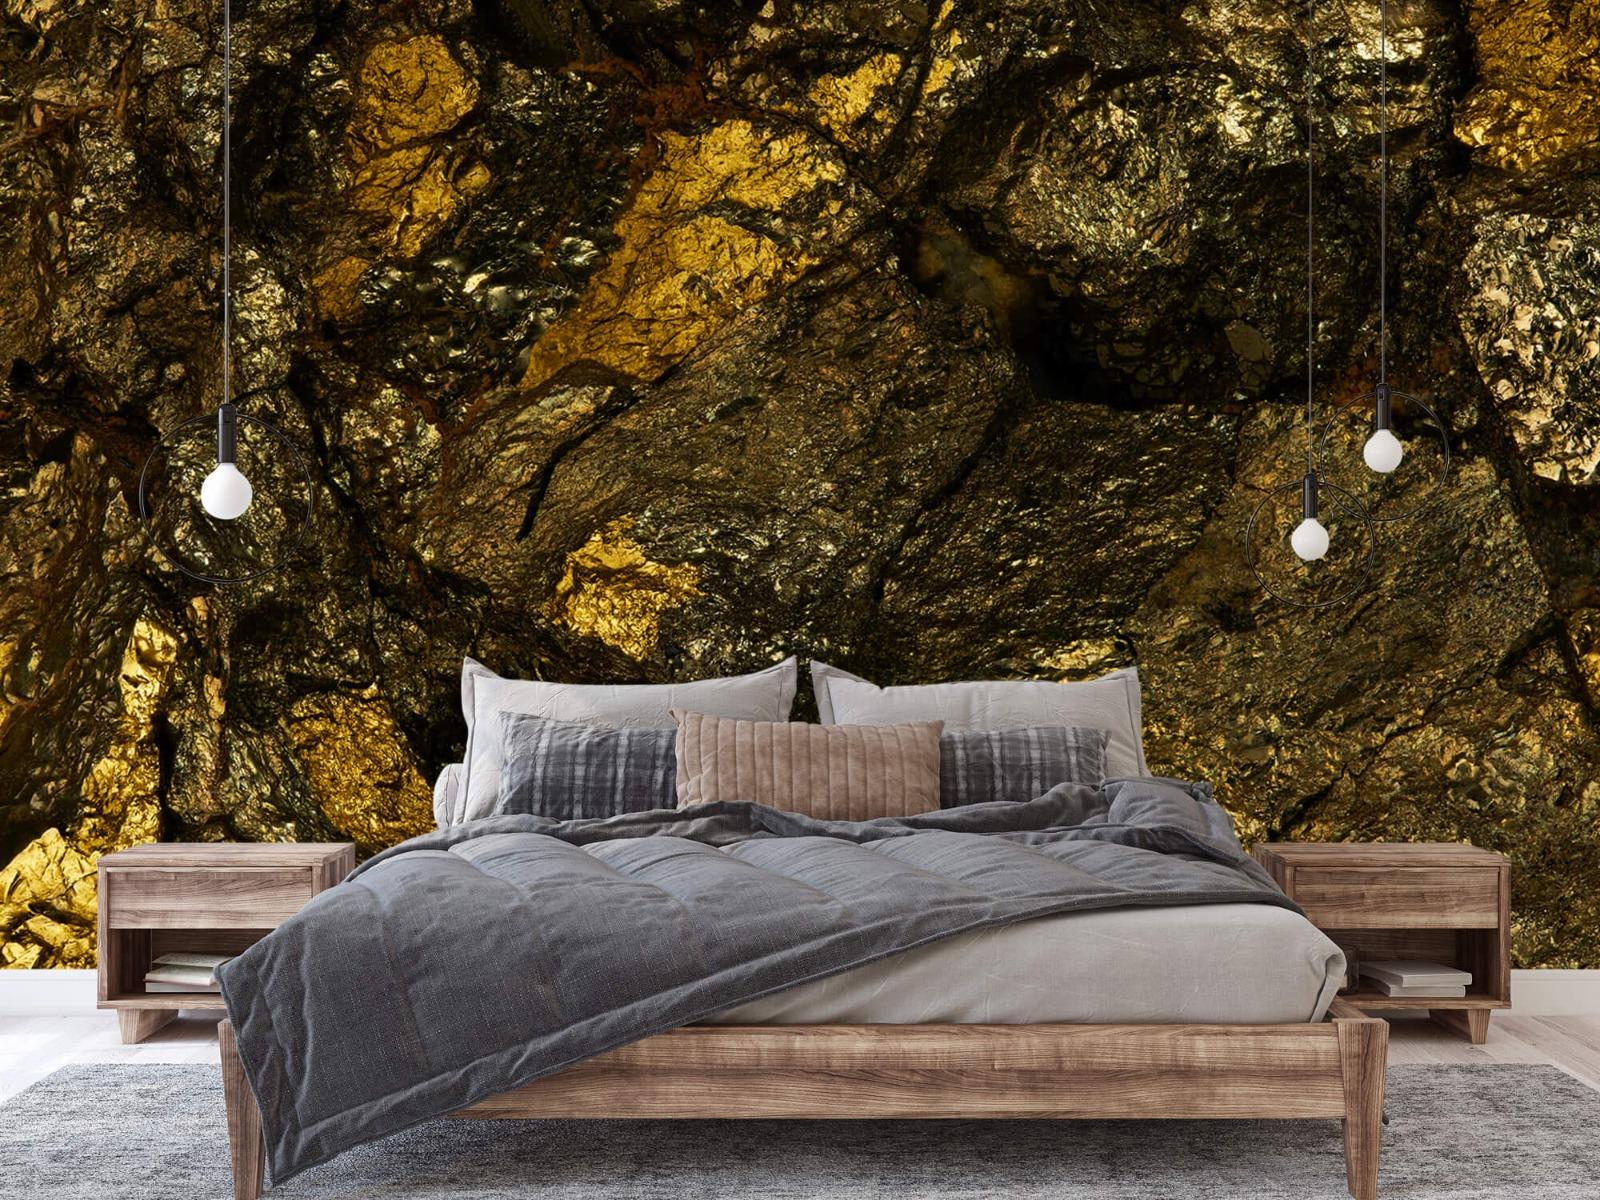 Steen behang - Steen met goud - Slaapkamer 2